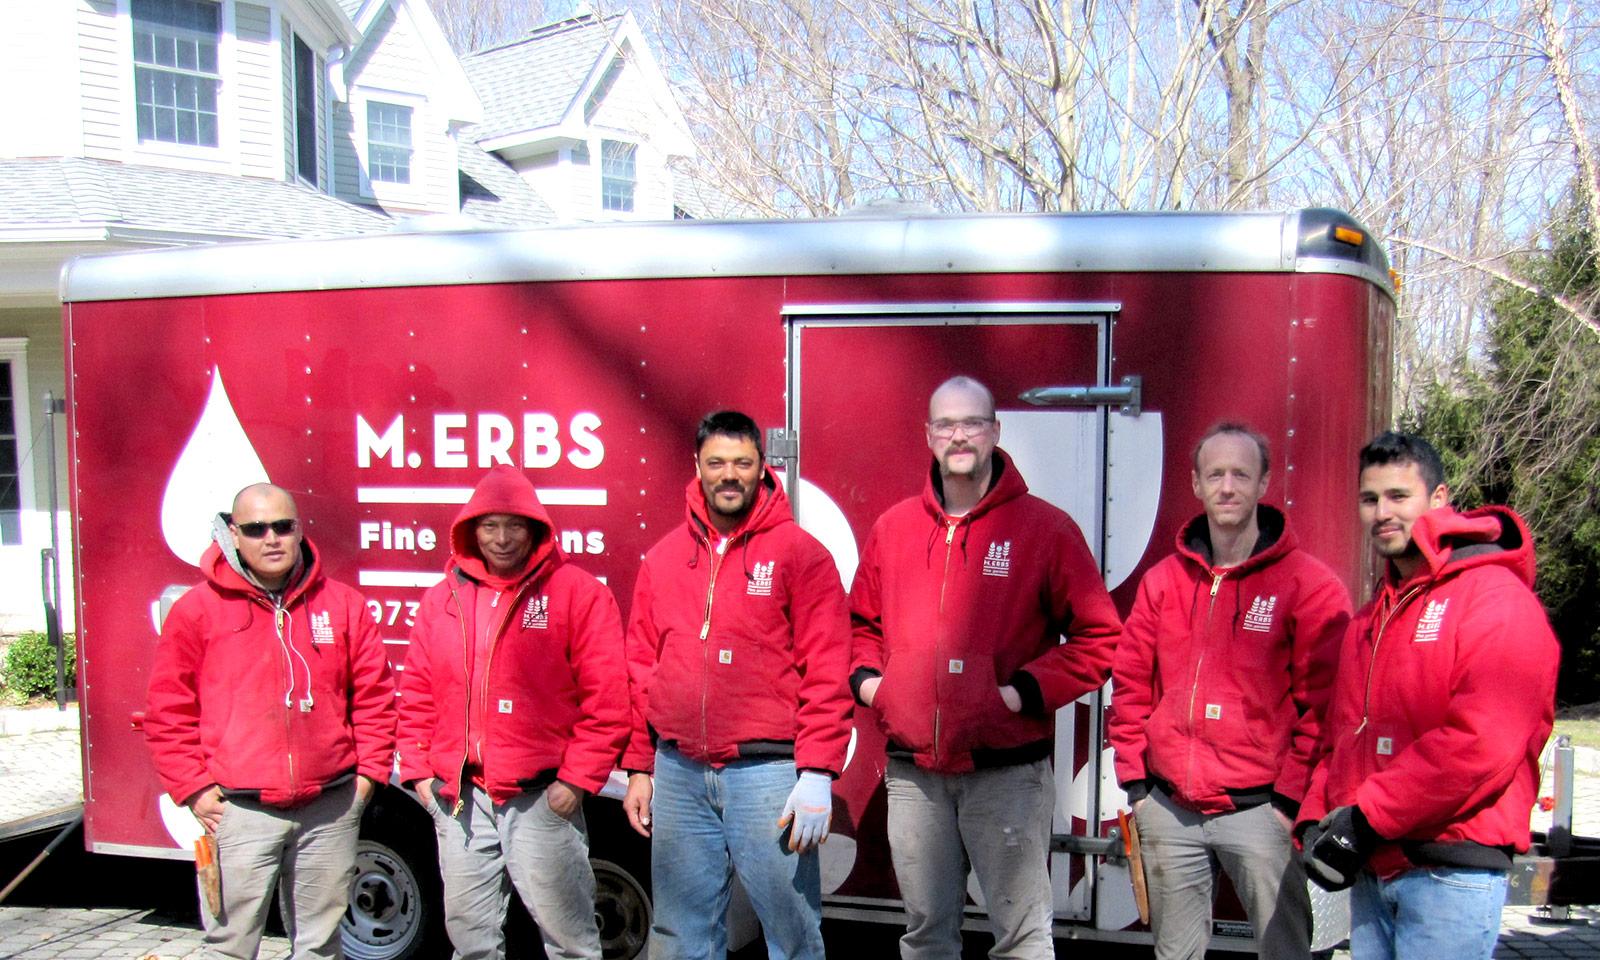 m-erbs-team